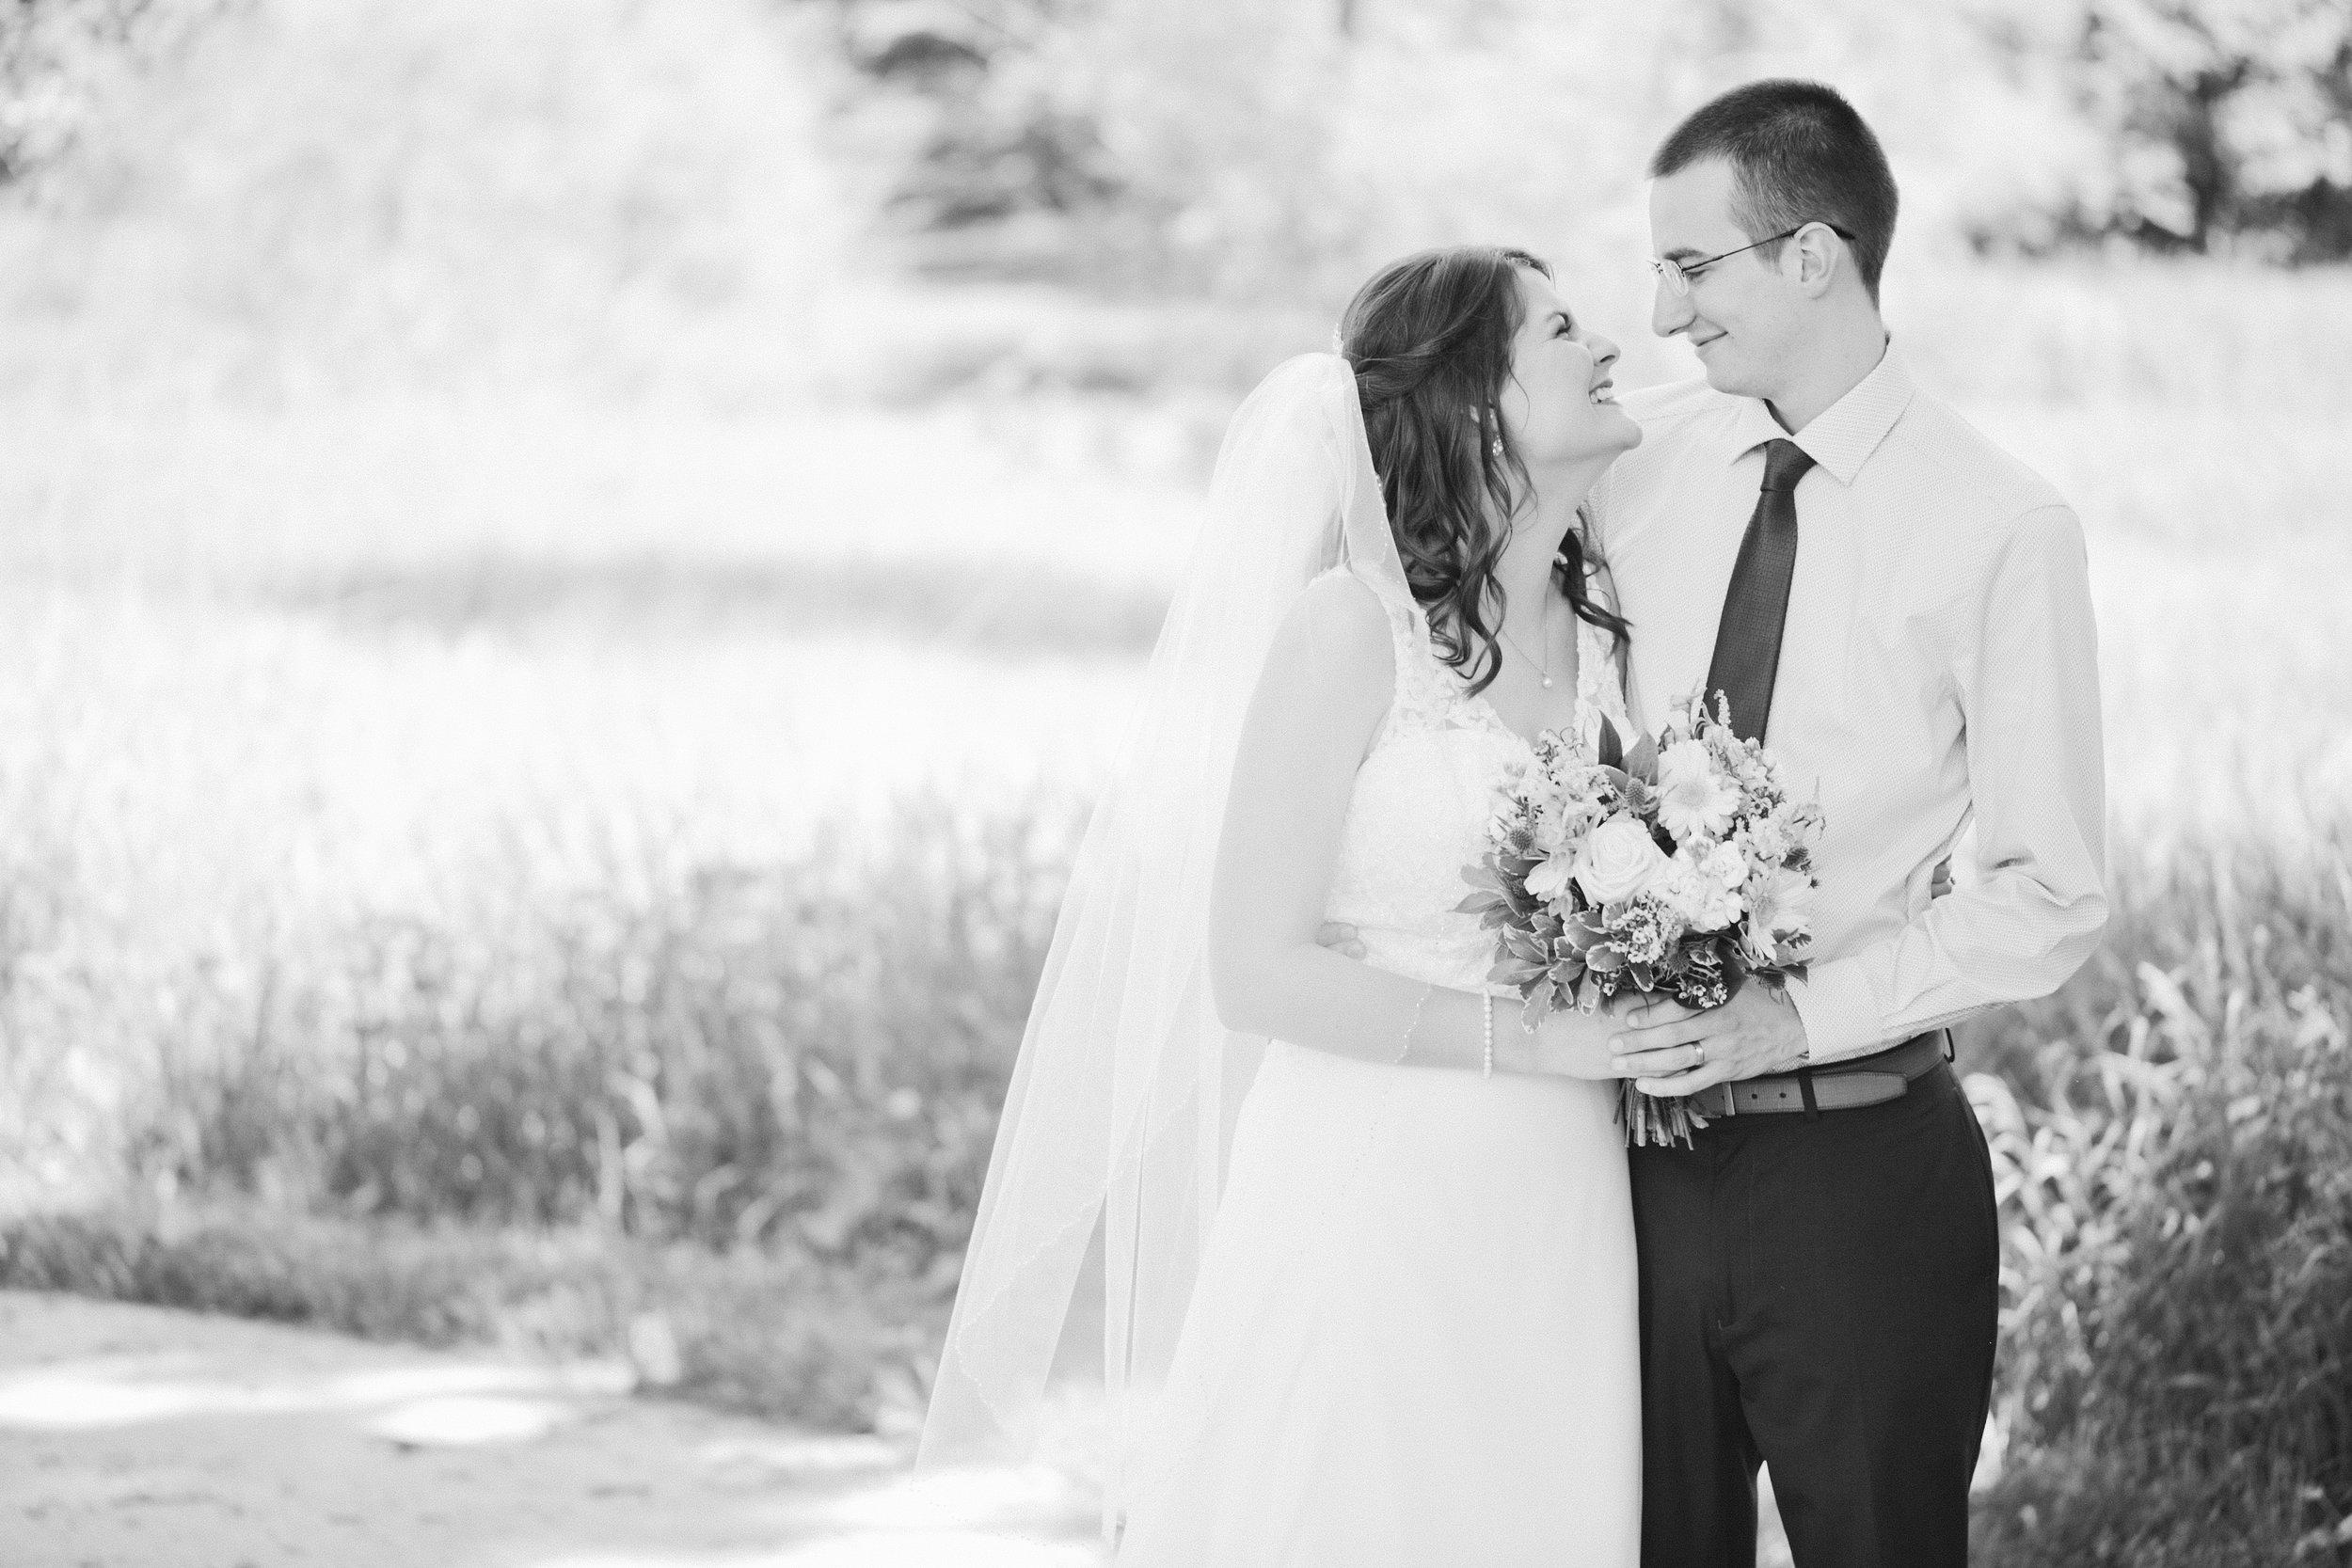 Ricke-west-des-moines-wedding-photography-iowa-115.jpg